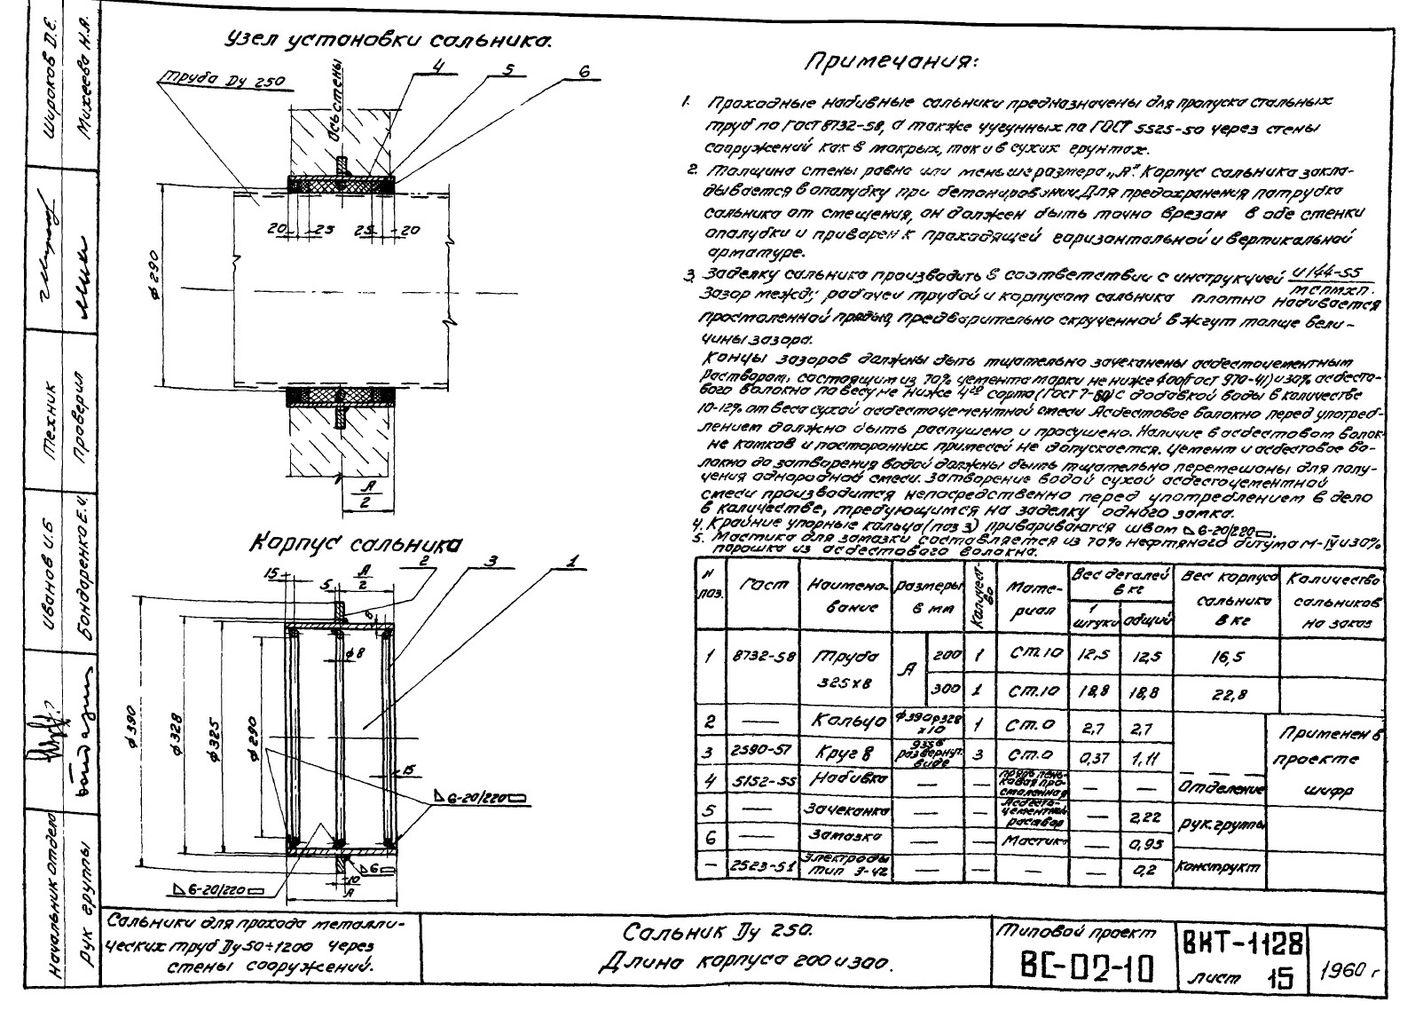 Сальники набивные L = 200 мм типовой проект ВС-02-10 стр.7